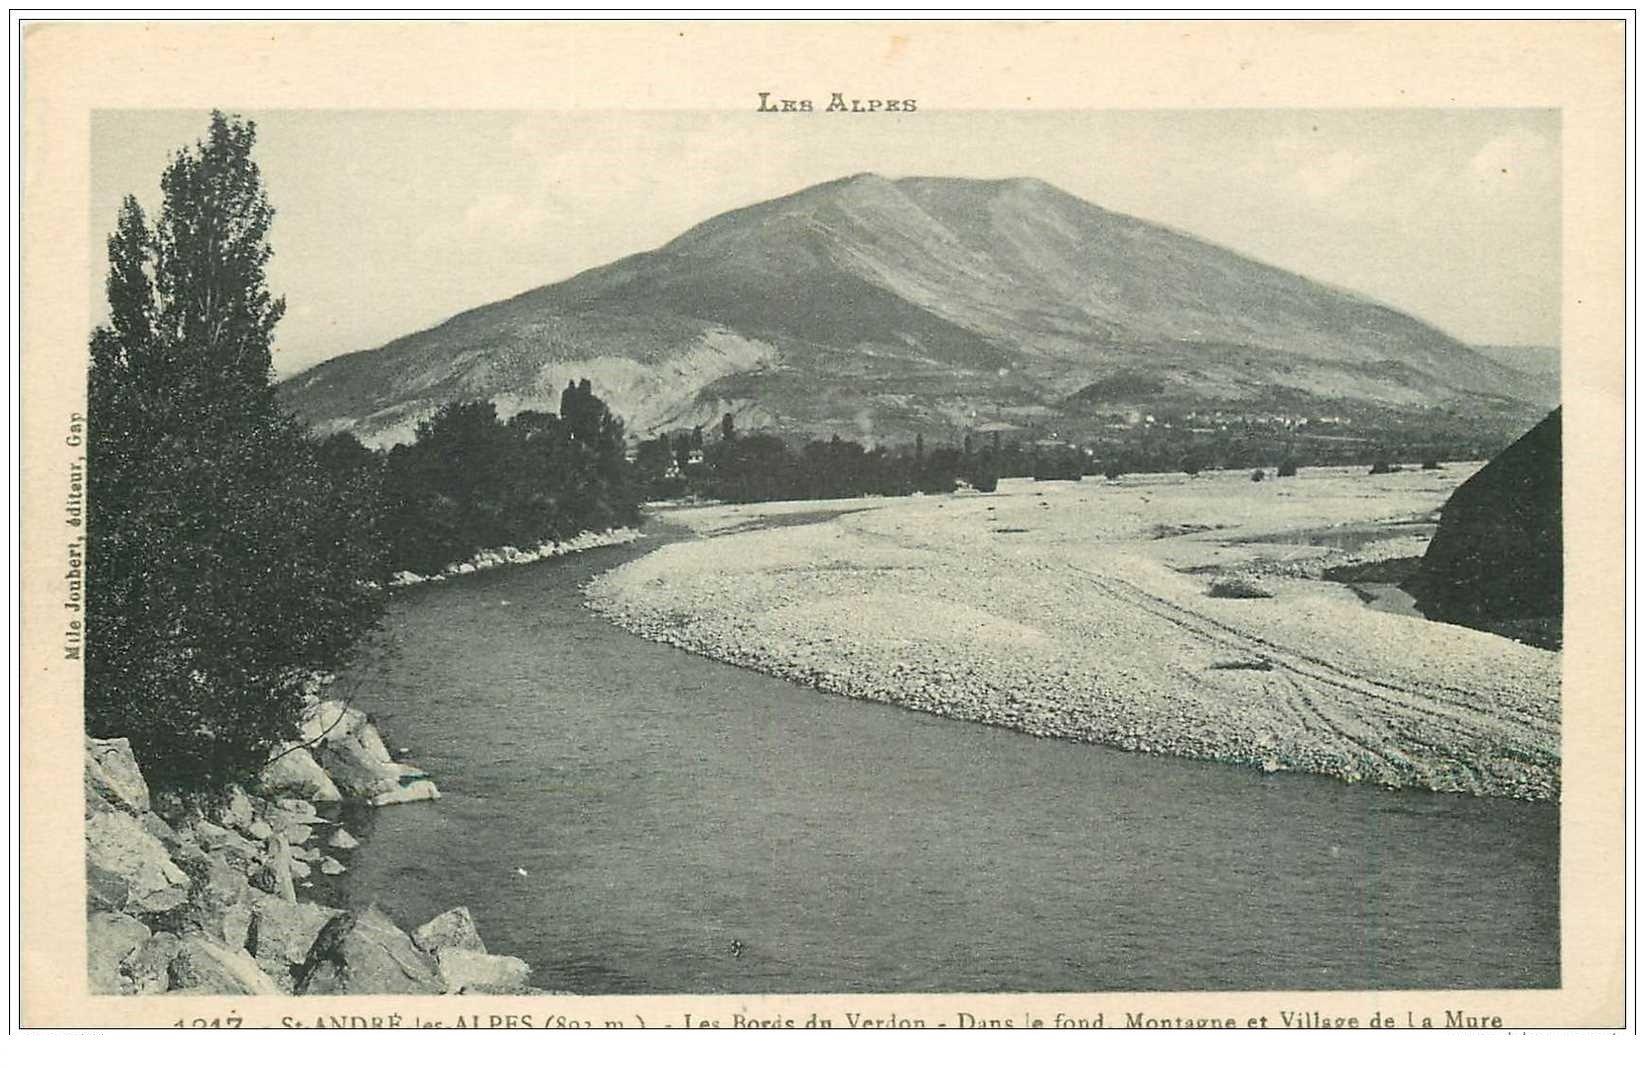 04 SAINT-ANDRE LES ALPES. Verdon, Village et Montagne de la Mure